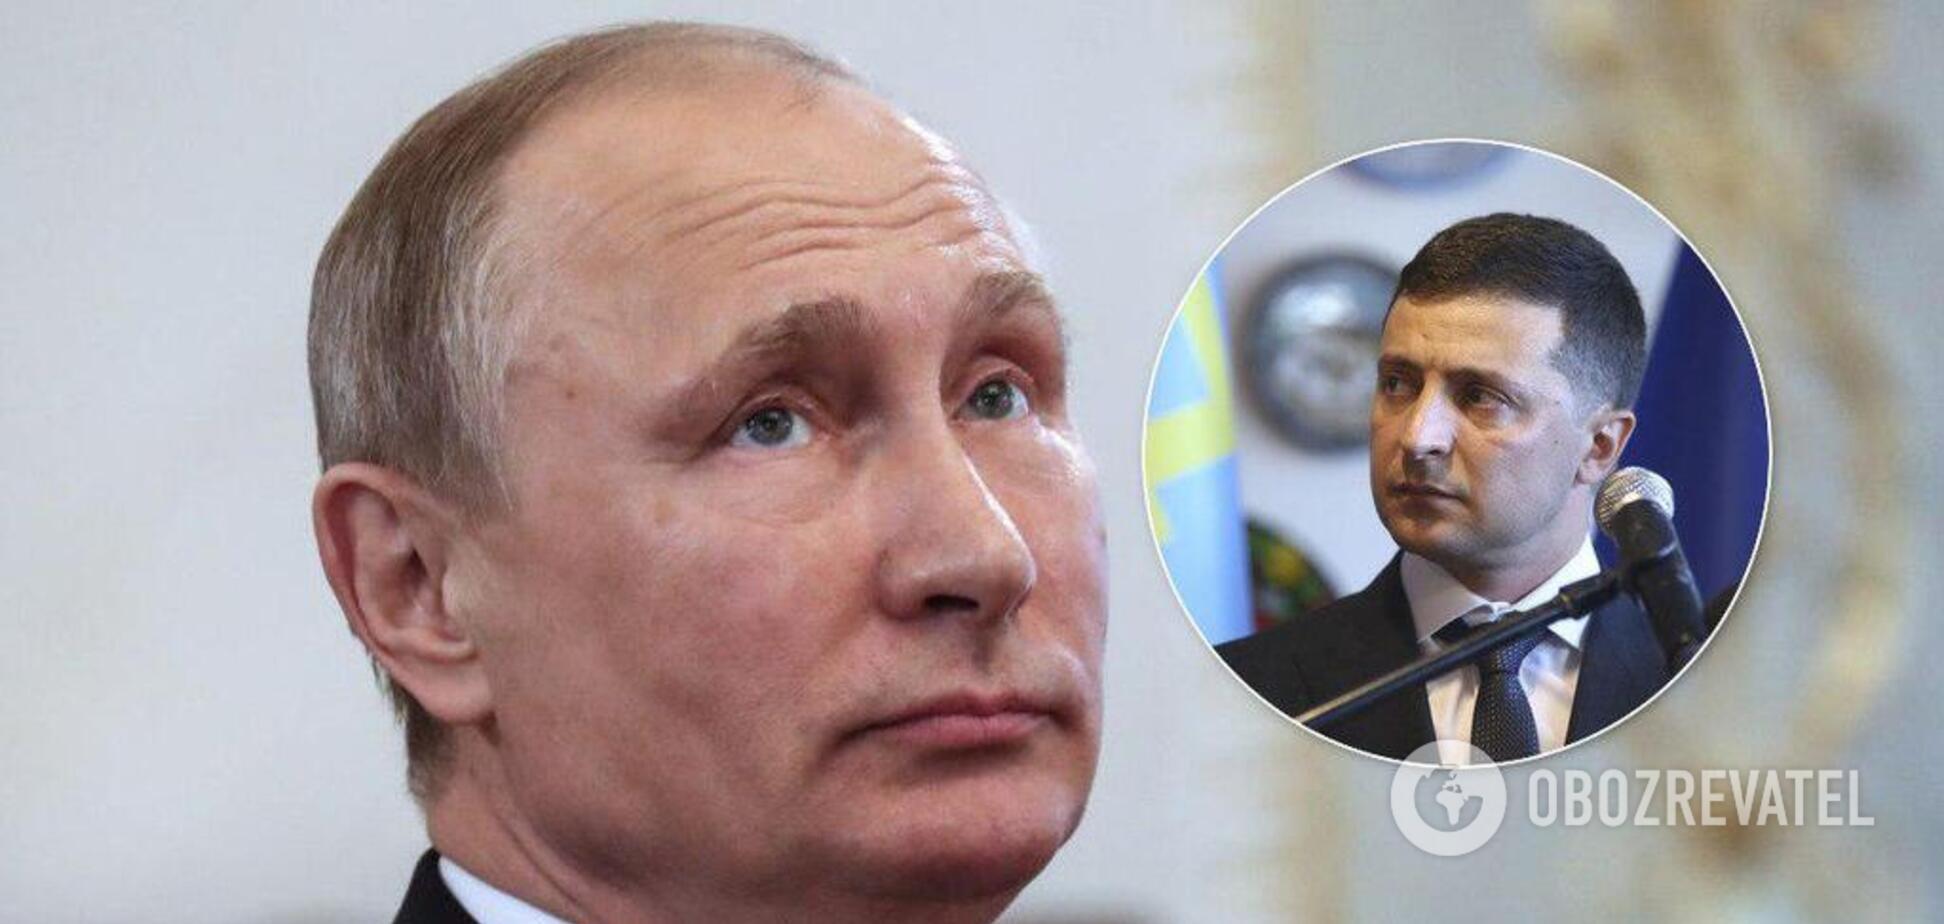 Путин делает из Зеленского просителя